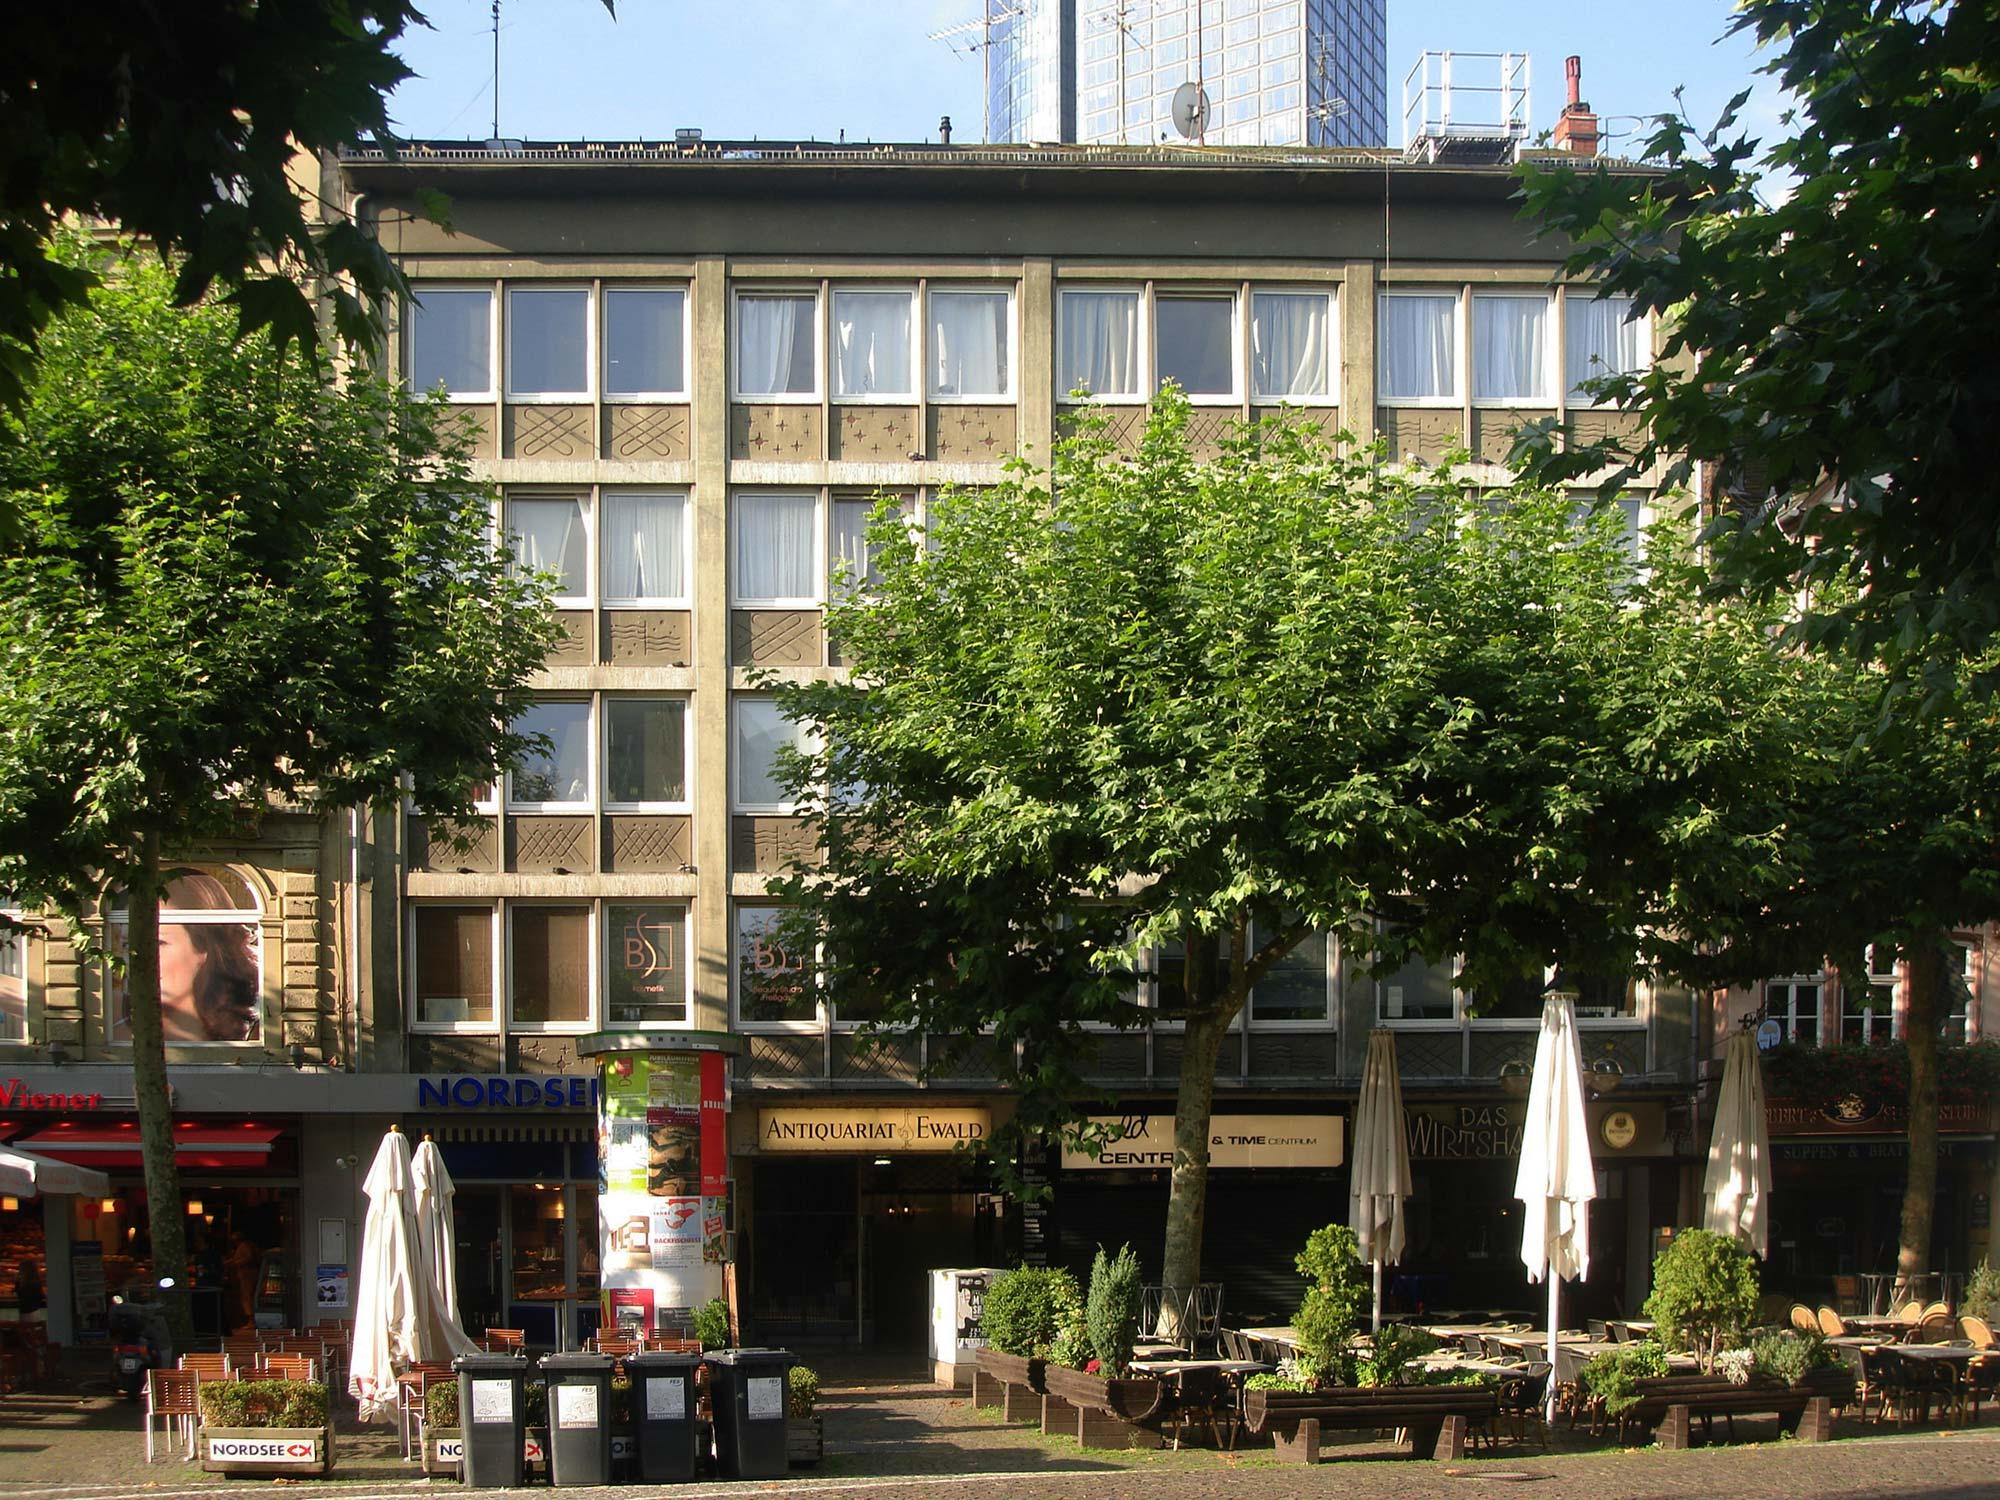 Nachkriegsarchitektur Frankfurt - Architektur der 1950er und 1960er Jahre - Große Bockenheimer Straße 27 in Frankfurt am Main - Innenstadt